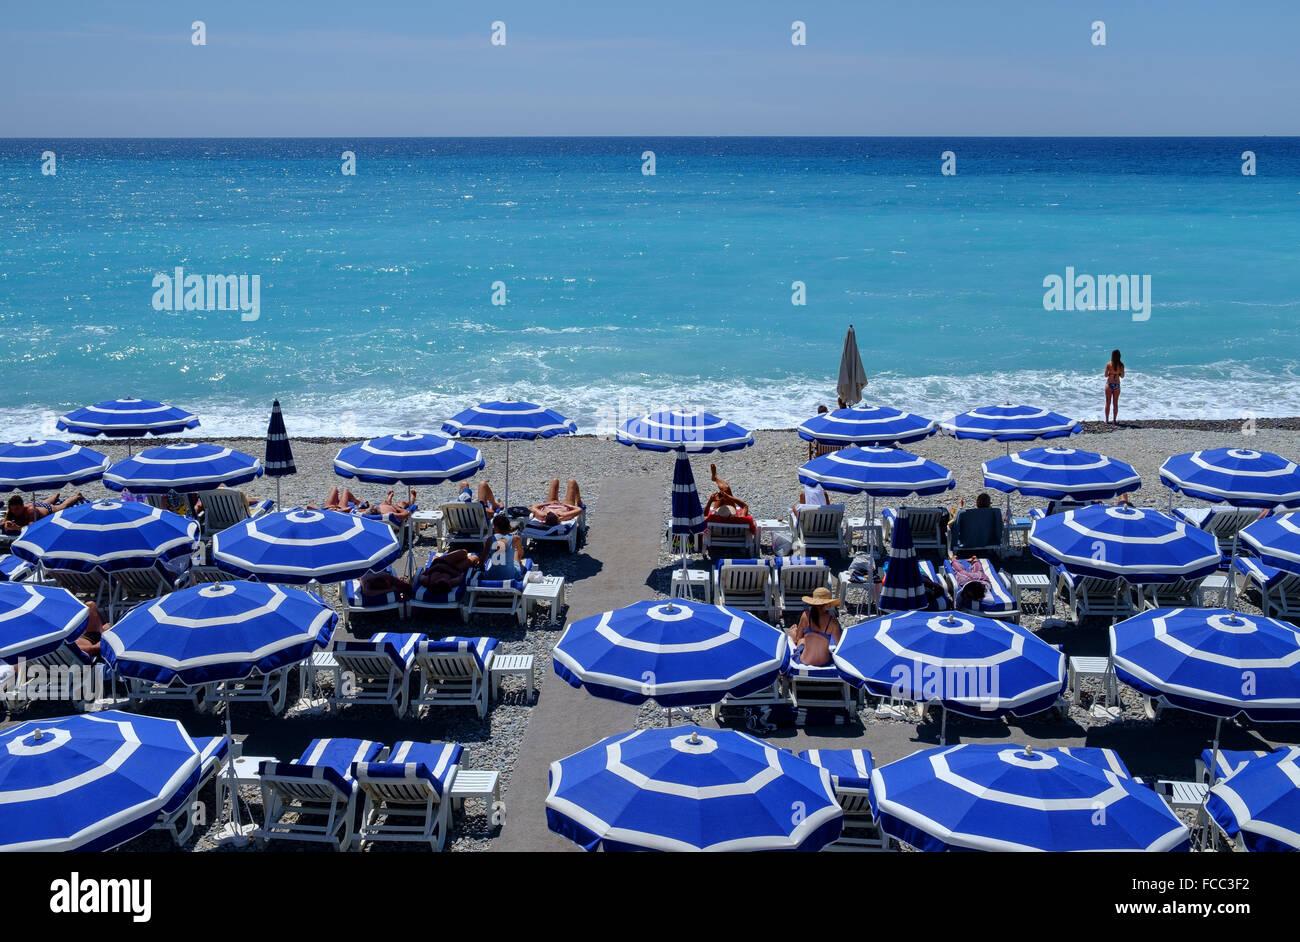 Sonnenanbeter Strand Sonnenschirme liegen Urlaub Frankreich Stockbild